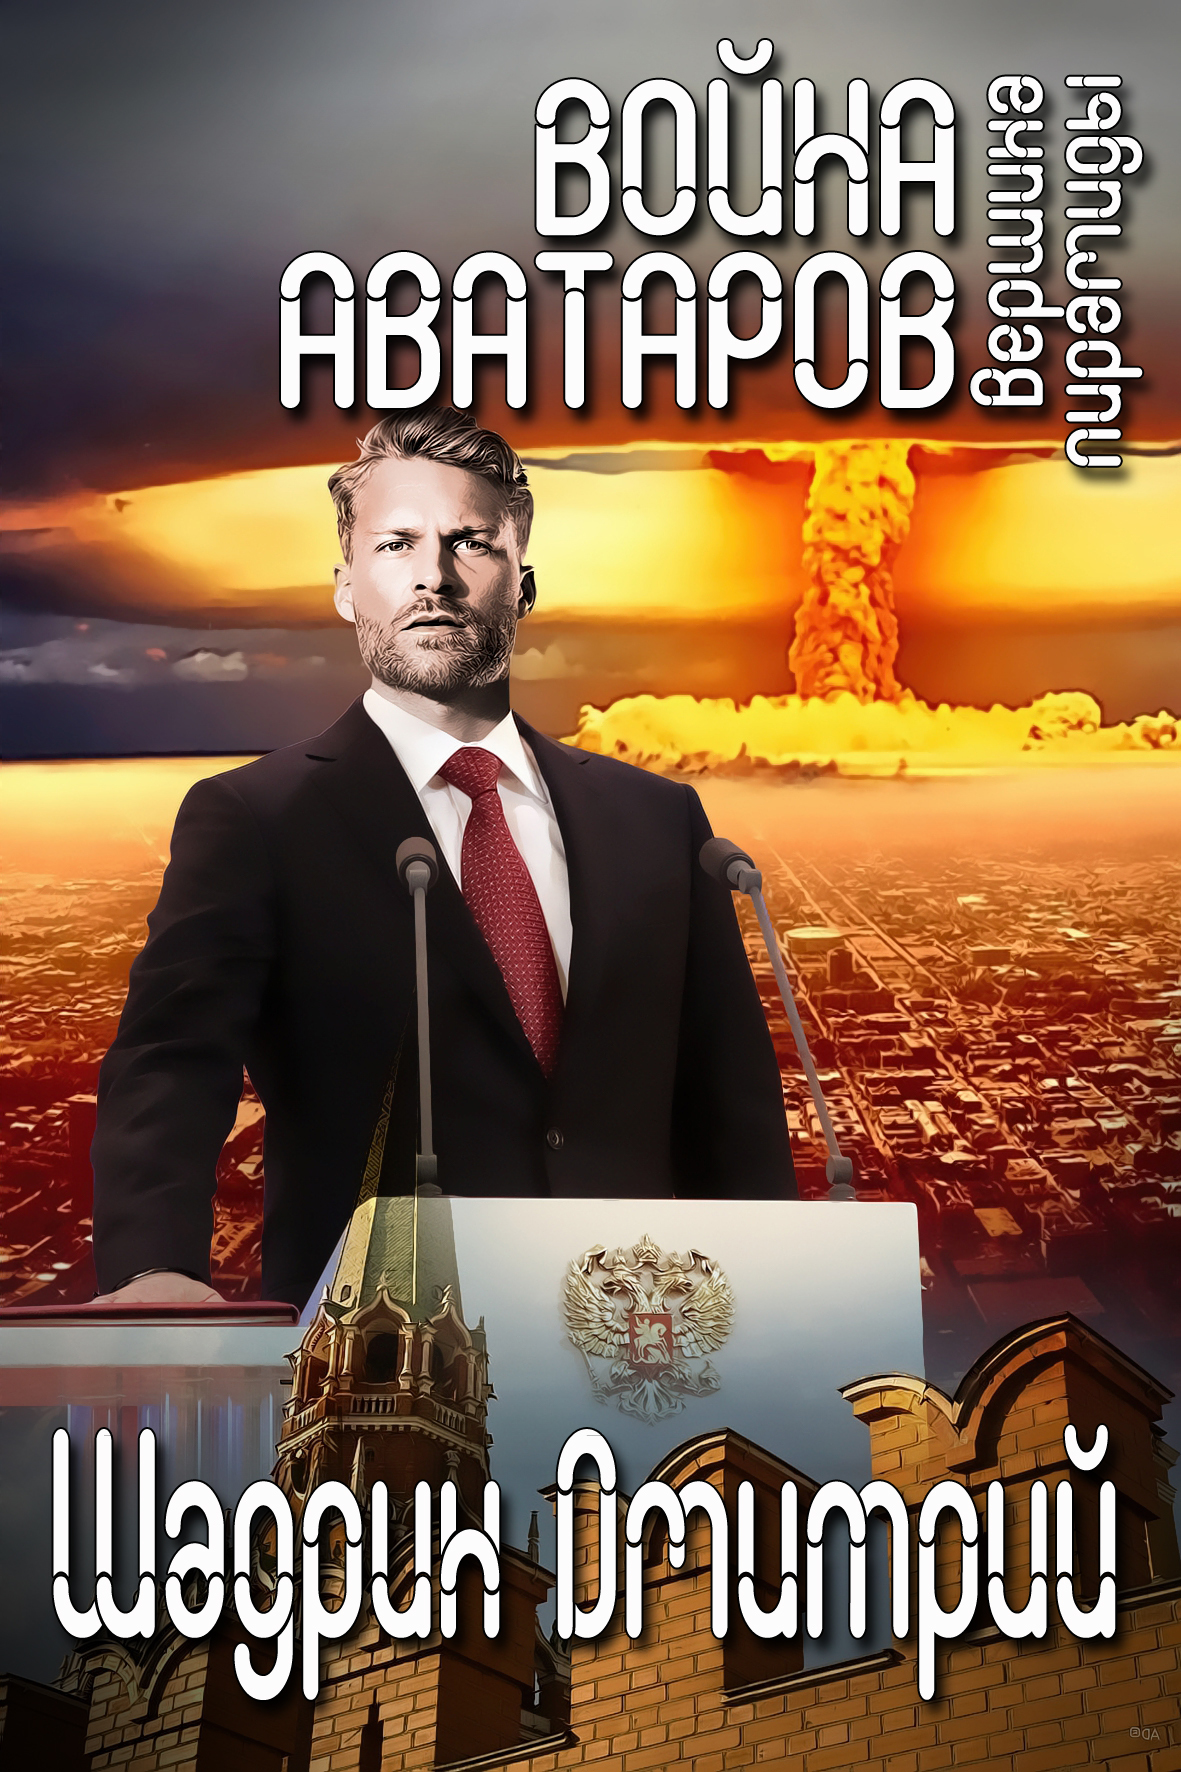 Достойное начало книги 29/02/94/29029409.bin.dir/29029409.cover.jpg обложка